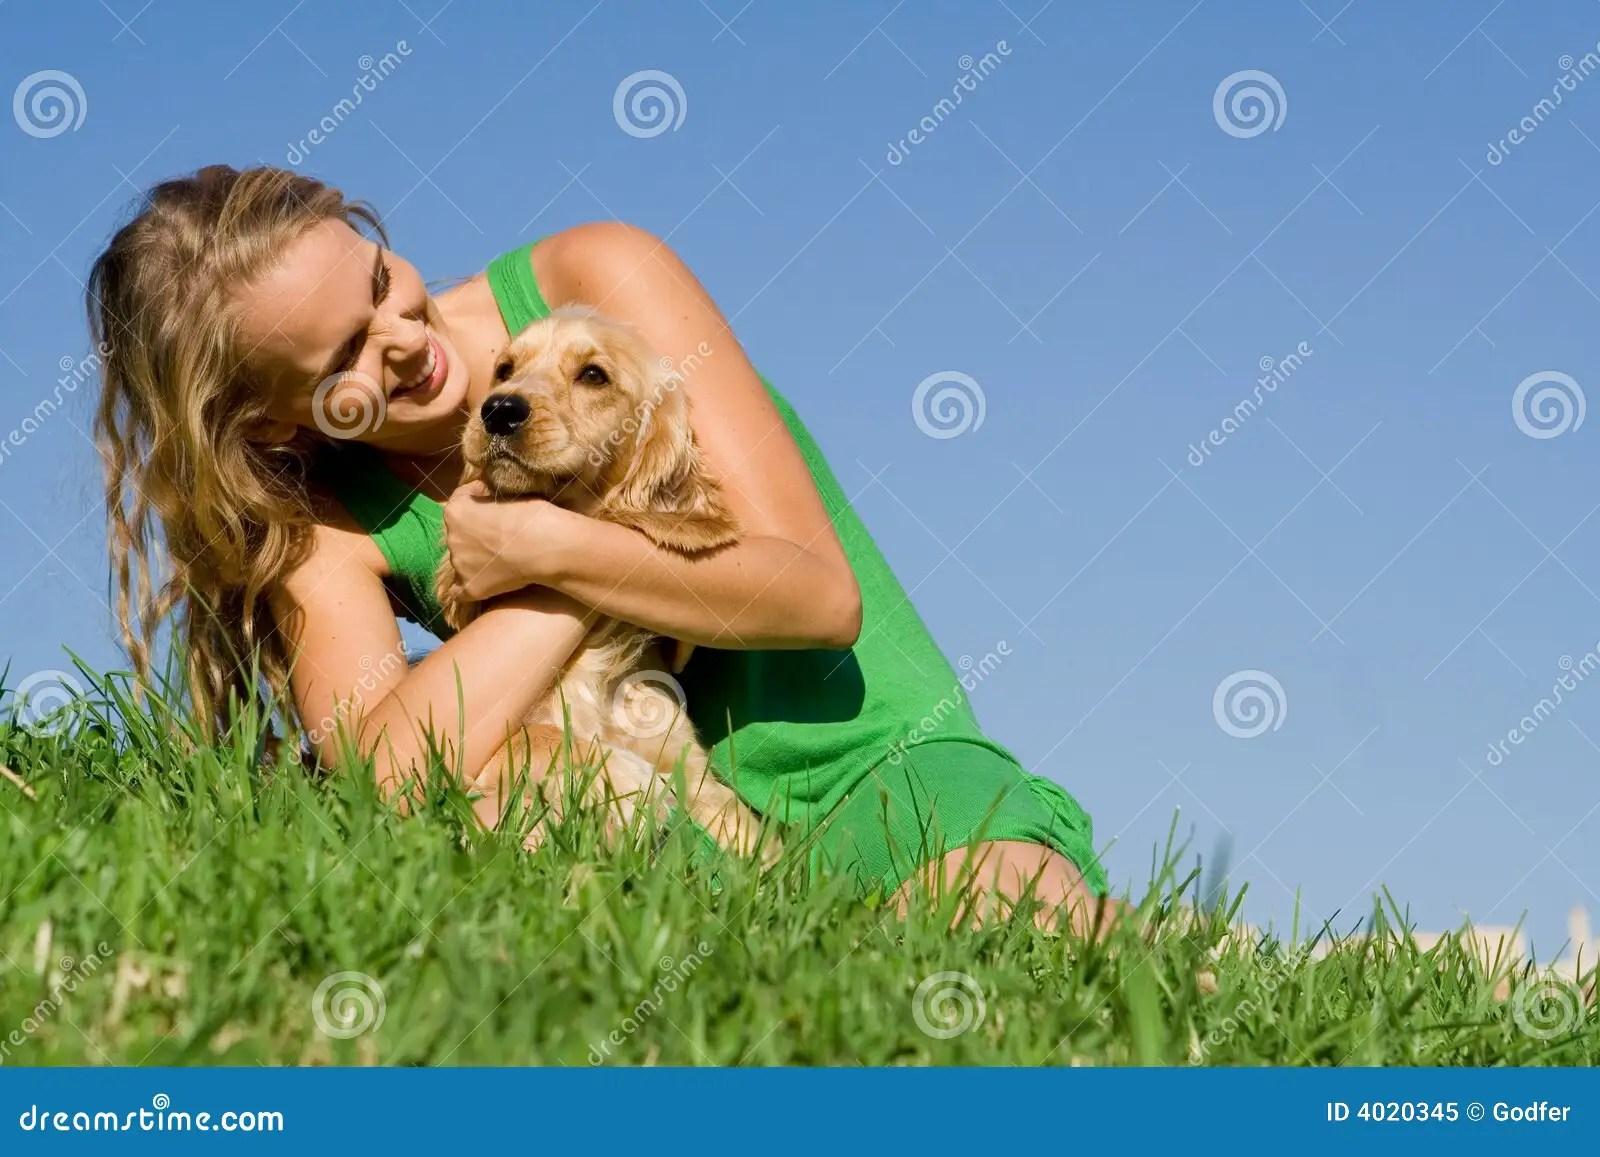 Dog Owner Stock Image Image Of Teenage Playing Outside